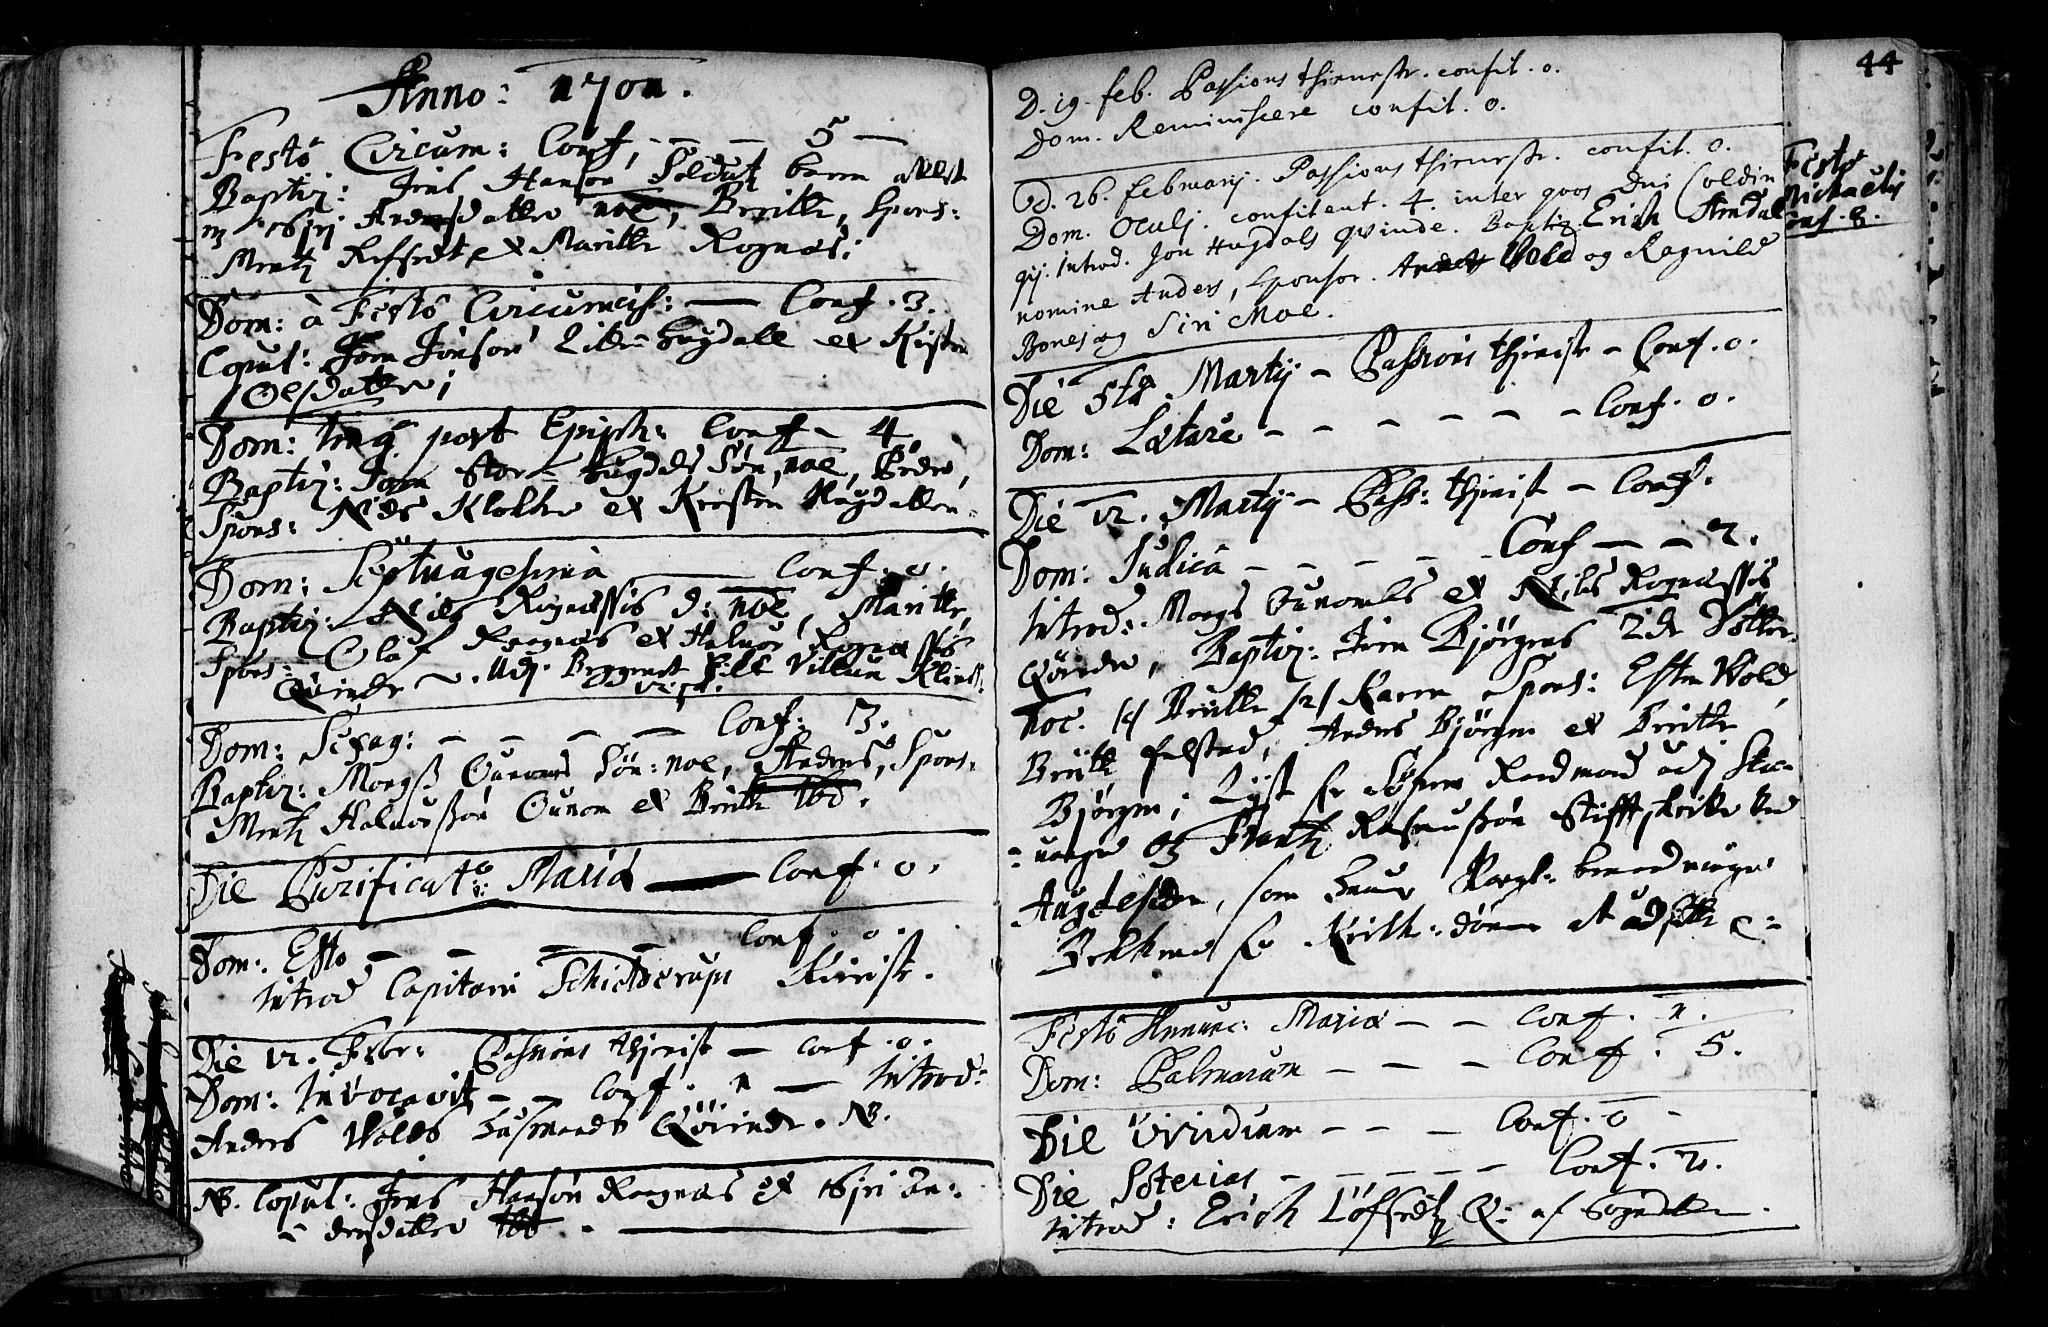 SAT, Ministerialprotokoller, klokkerbøker og fødselsregistre - Sør-Trøndelag, 687/L0990: Ministerialbok nr. 687A01, 1690-1746, s. 42